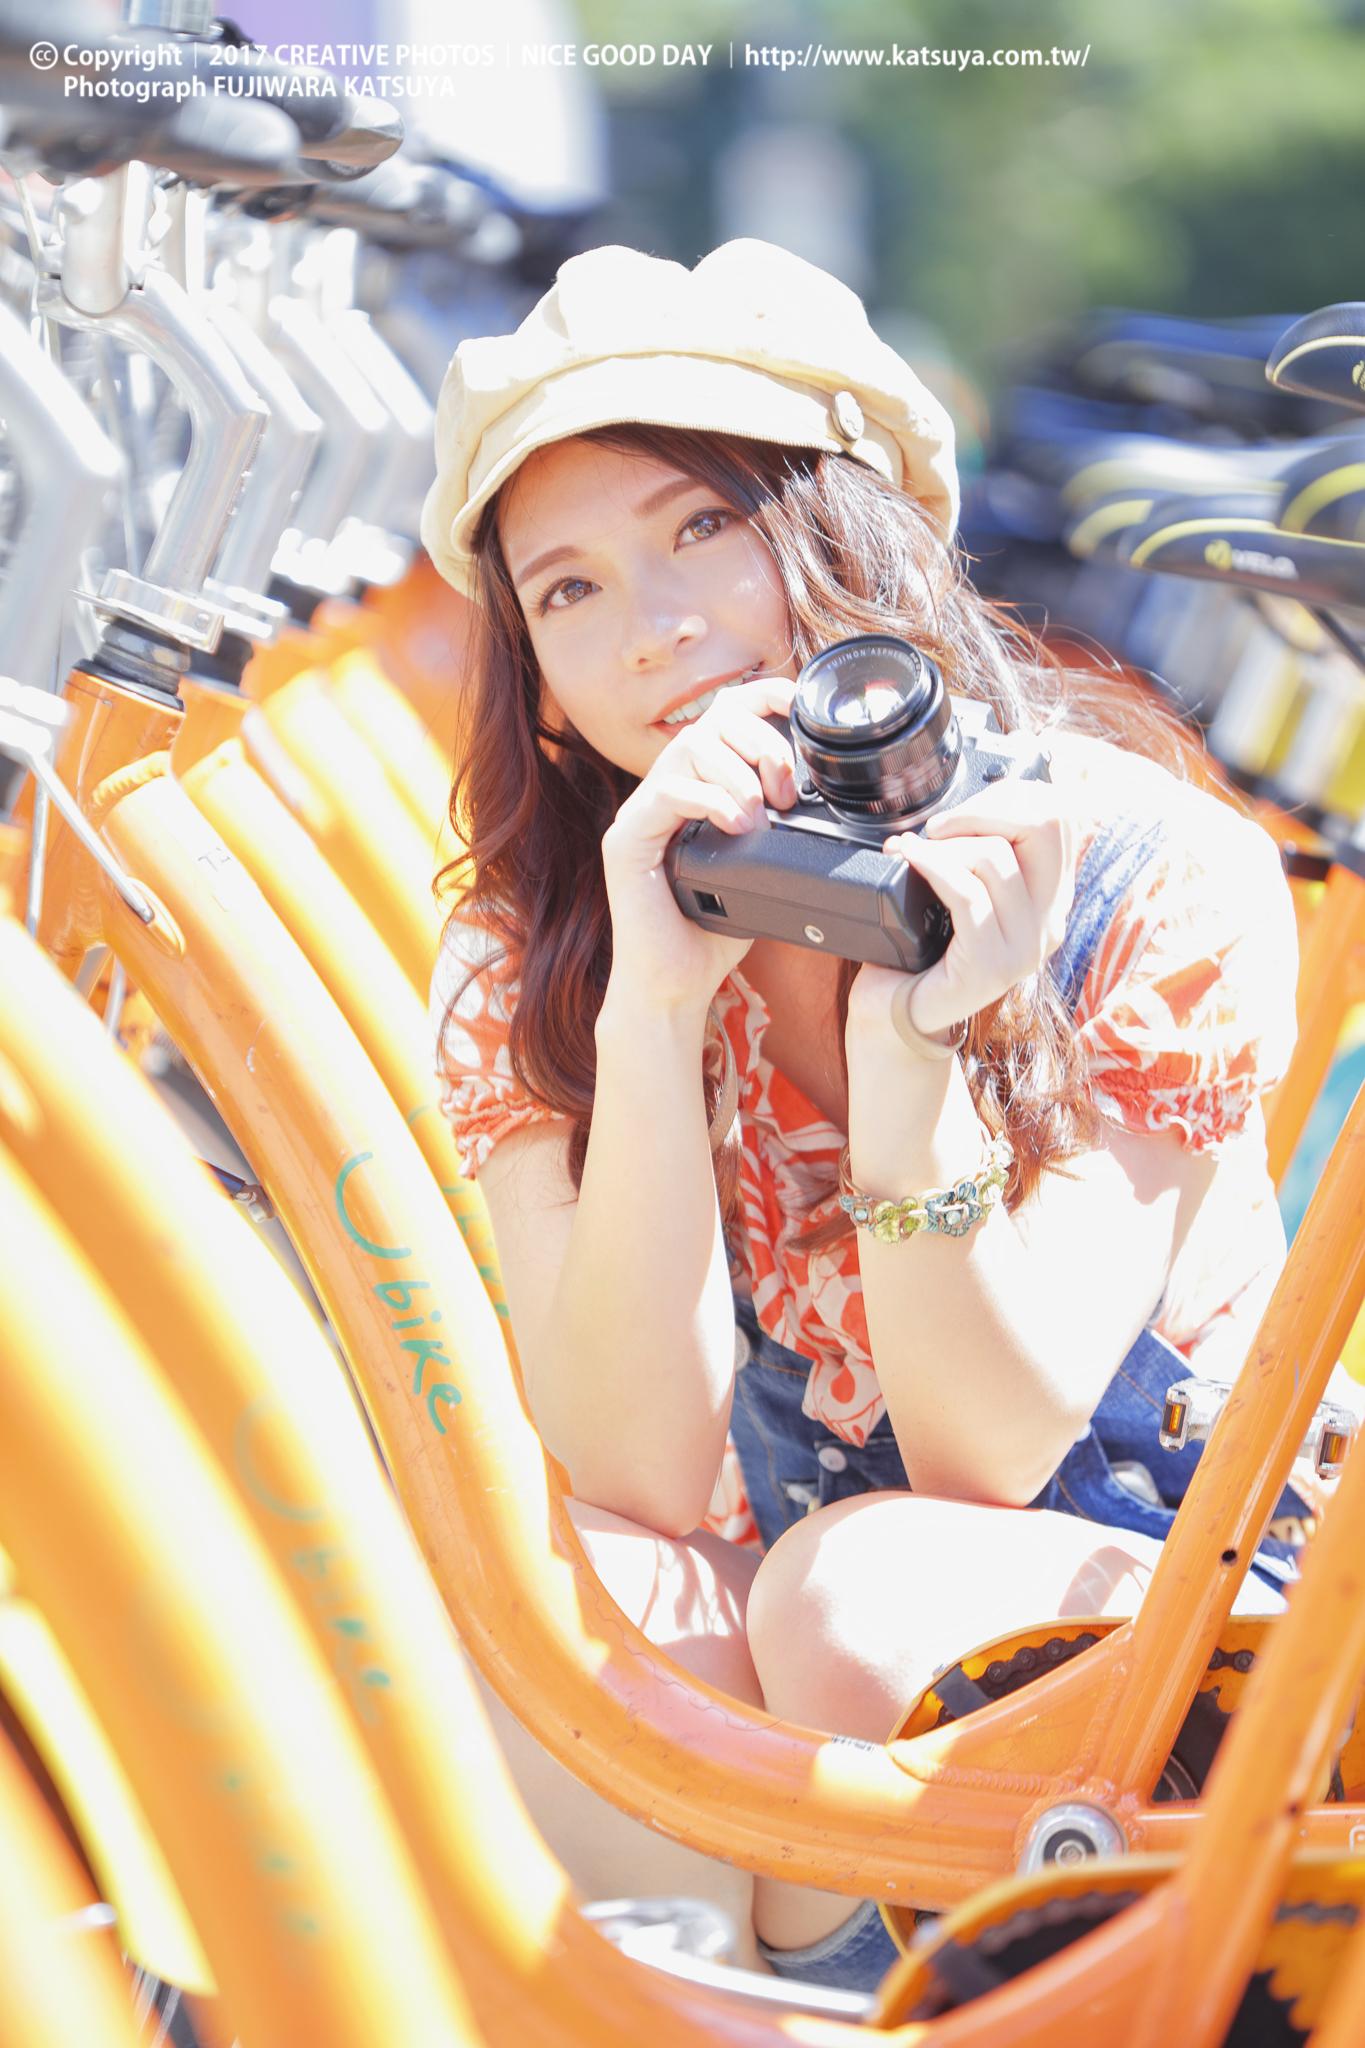 人像攝影教學、人像外拍、藤原克也、信義區街拍